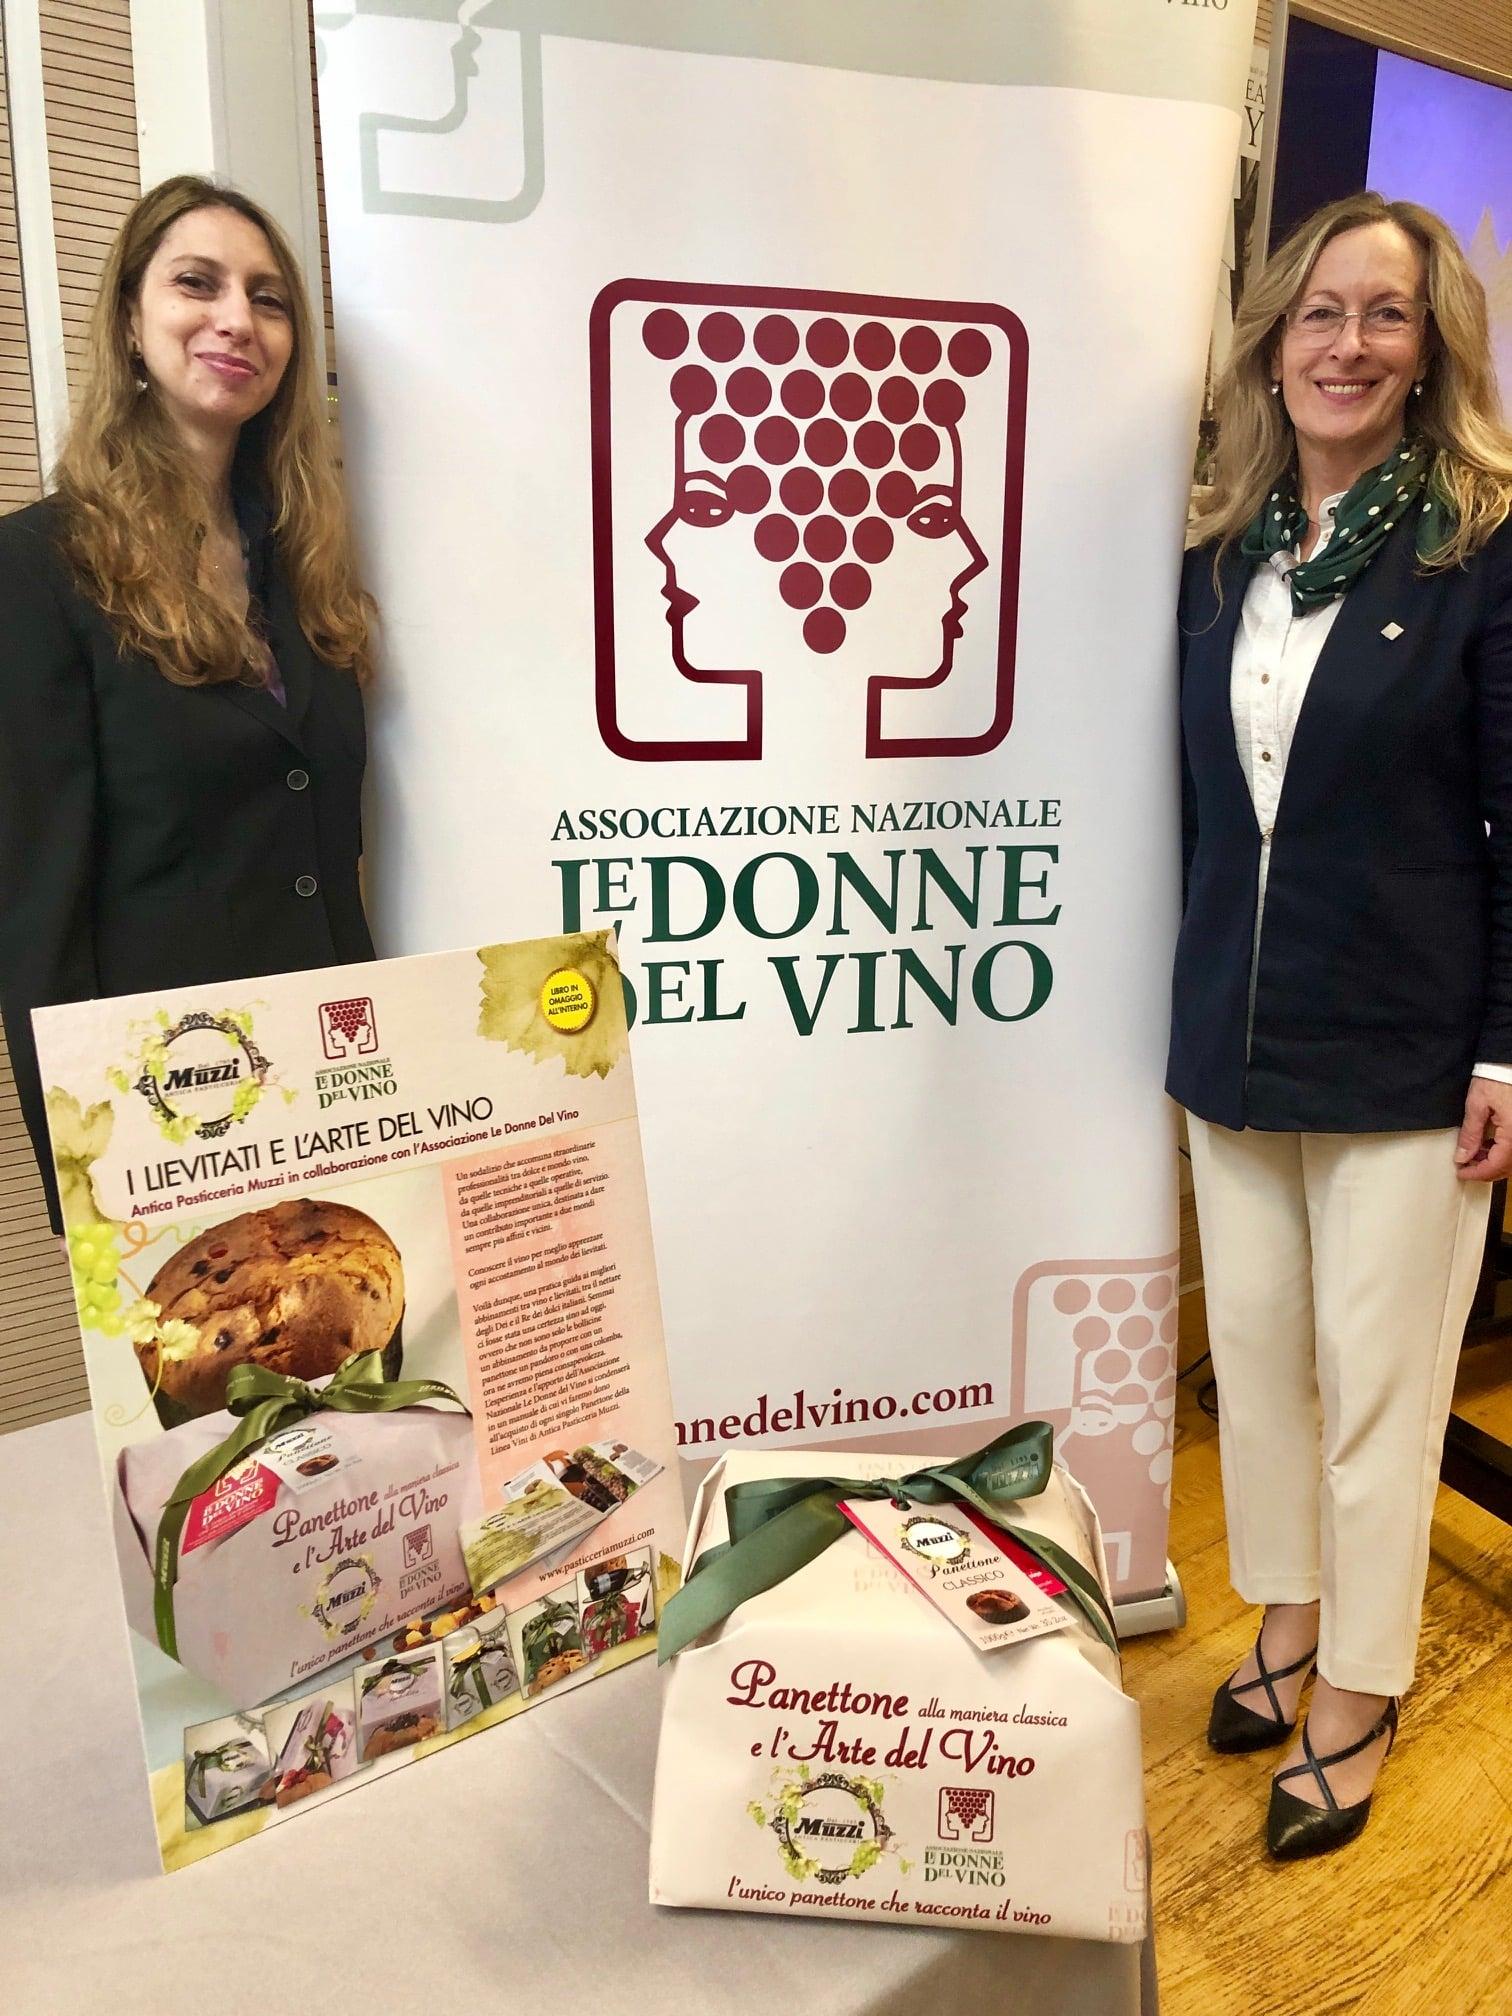 Milano-Wine-Week-Camilla-Guiggi-Antonietta-Mazzeo-autrici-dell'opuscolo-allegato-al-panettone-con-l'arte-del-vino